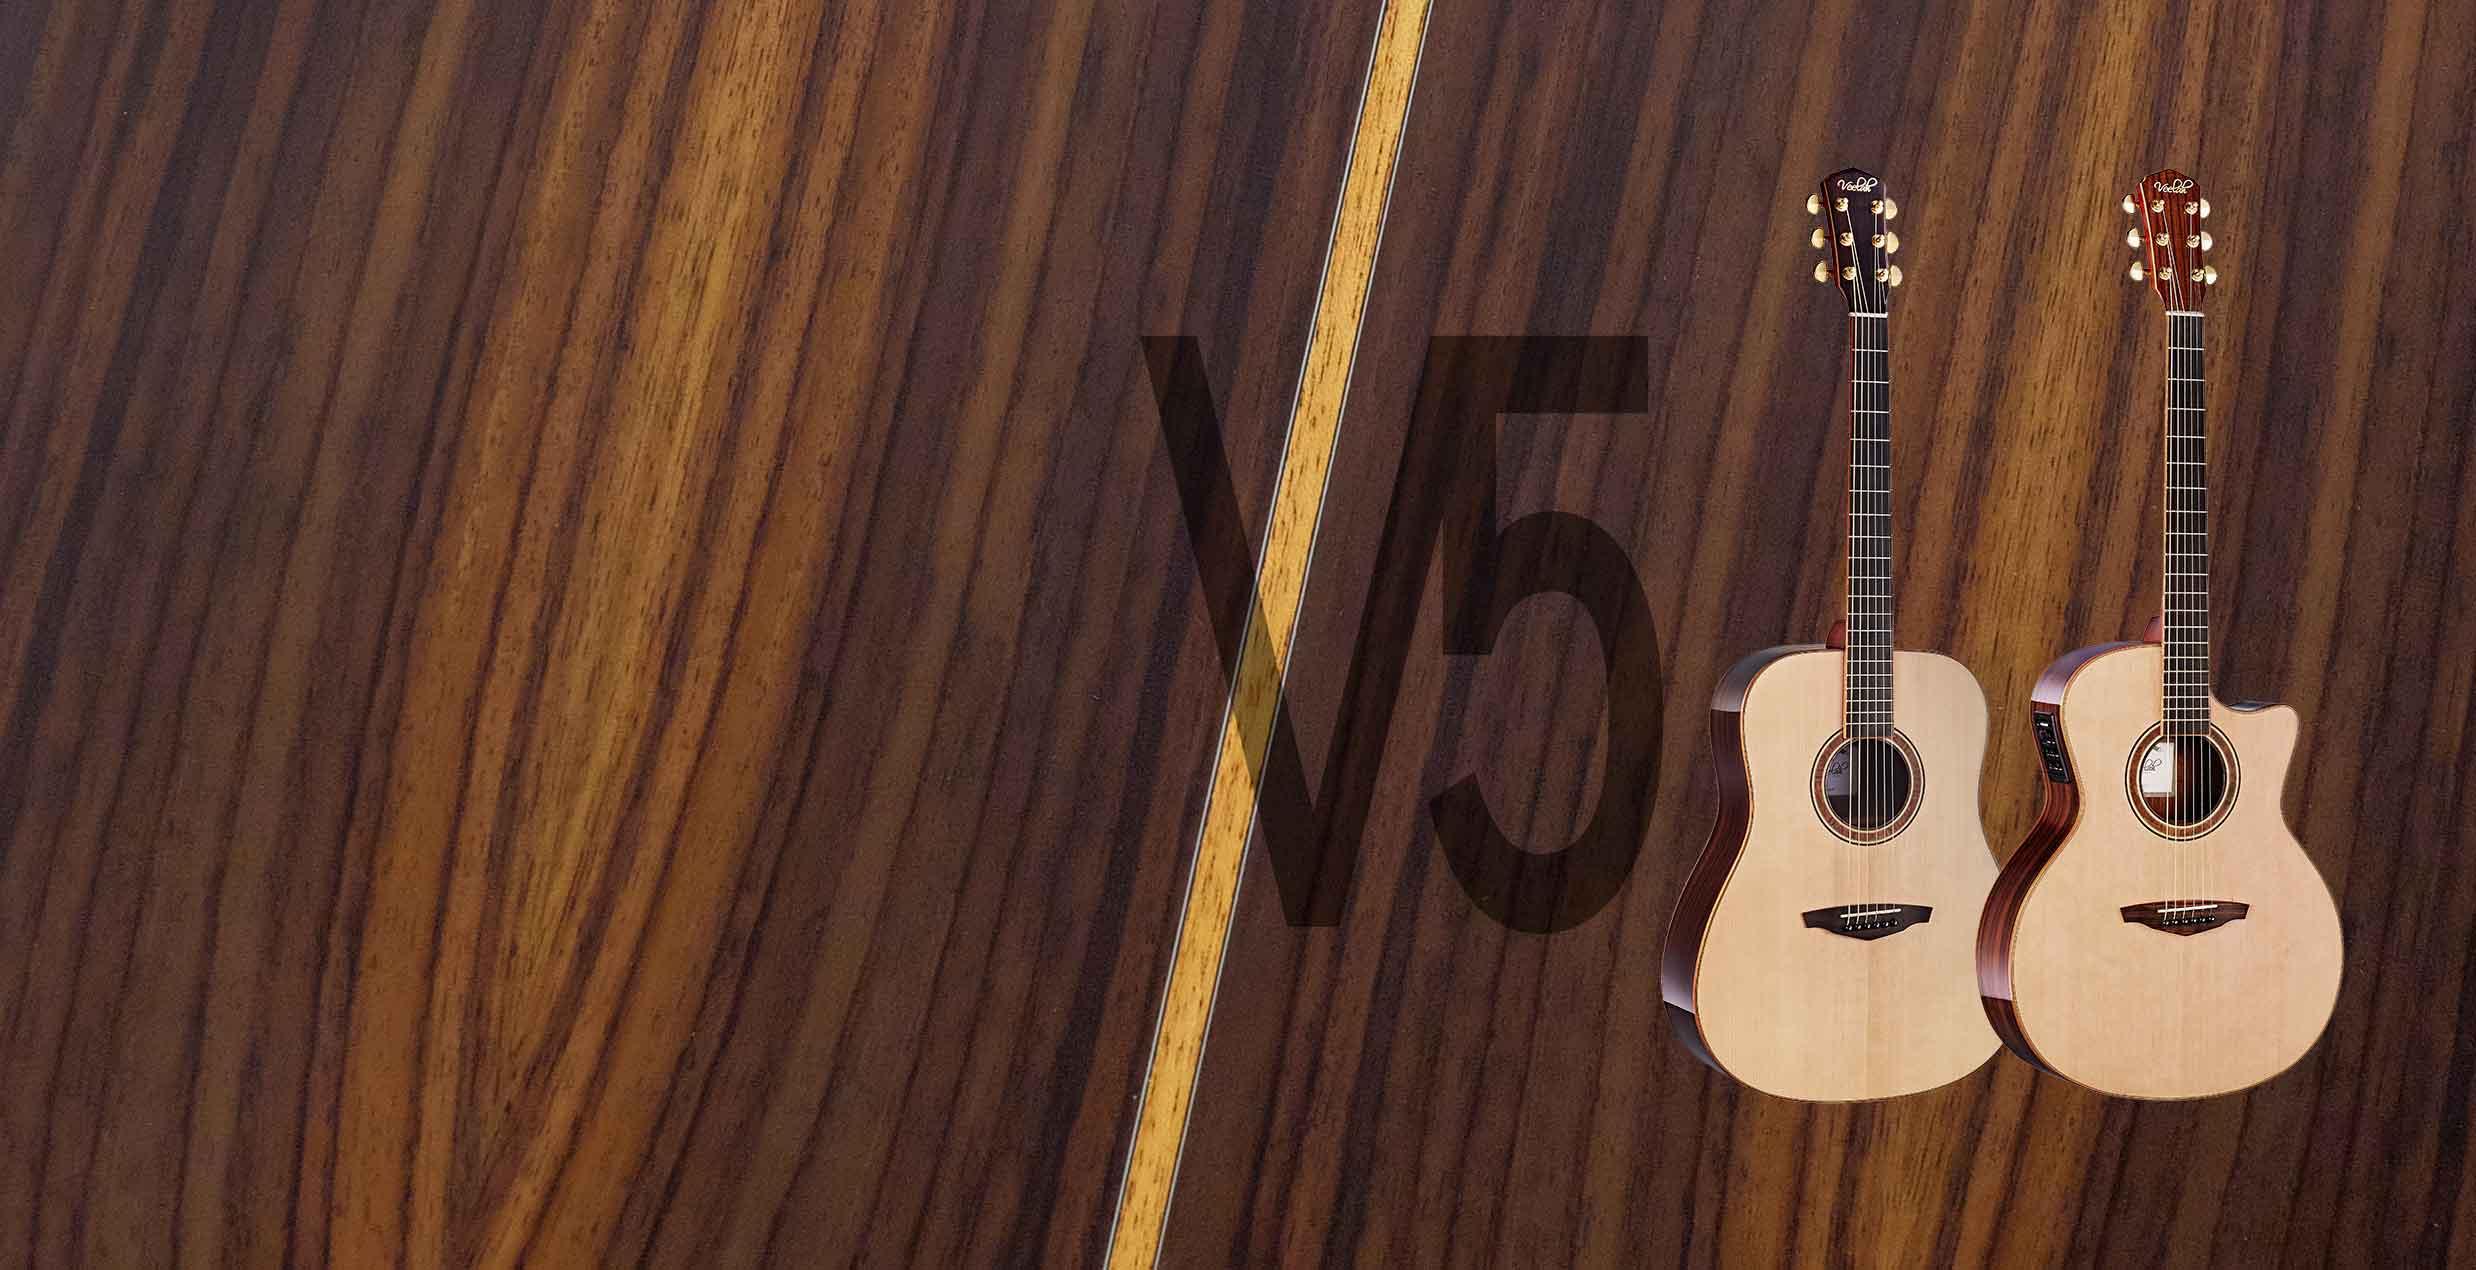 veelah-V5-series